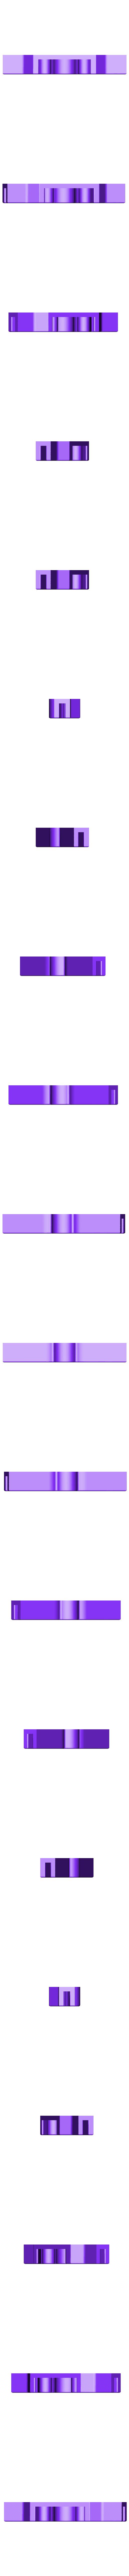 belt_attachment_endlesshunt_variant.stl Télécharger fichier STL gratuit Prusa i3 X-Carriage Prusa sans fermeture à glissière • Plan pour imprimante 3D, Palemar